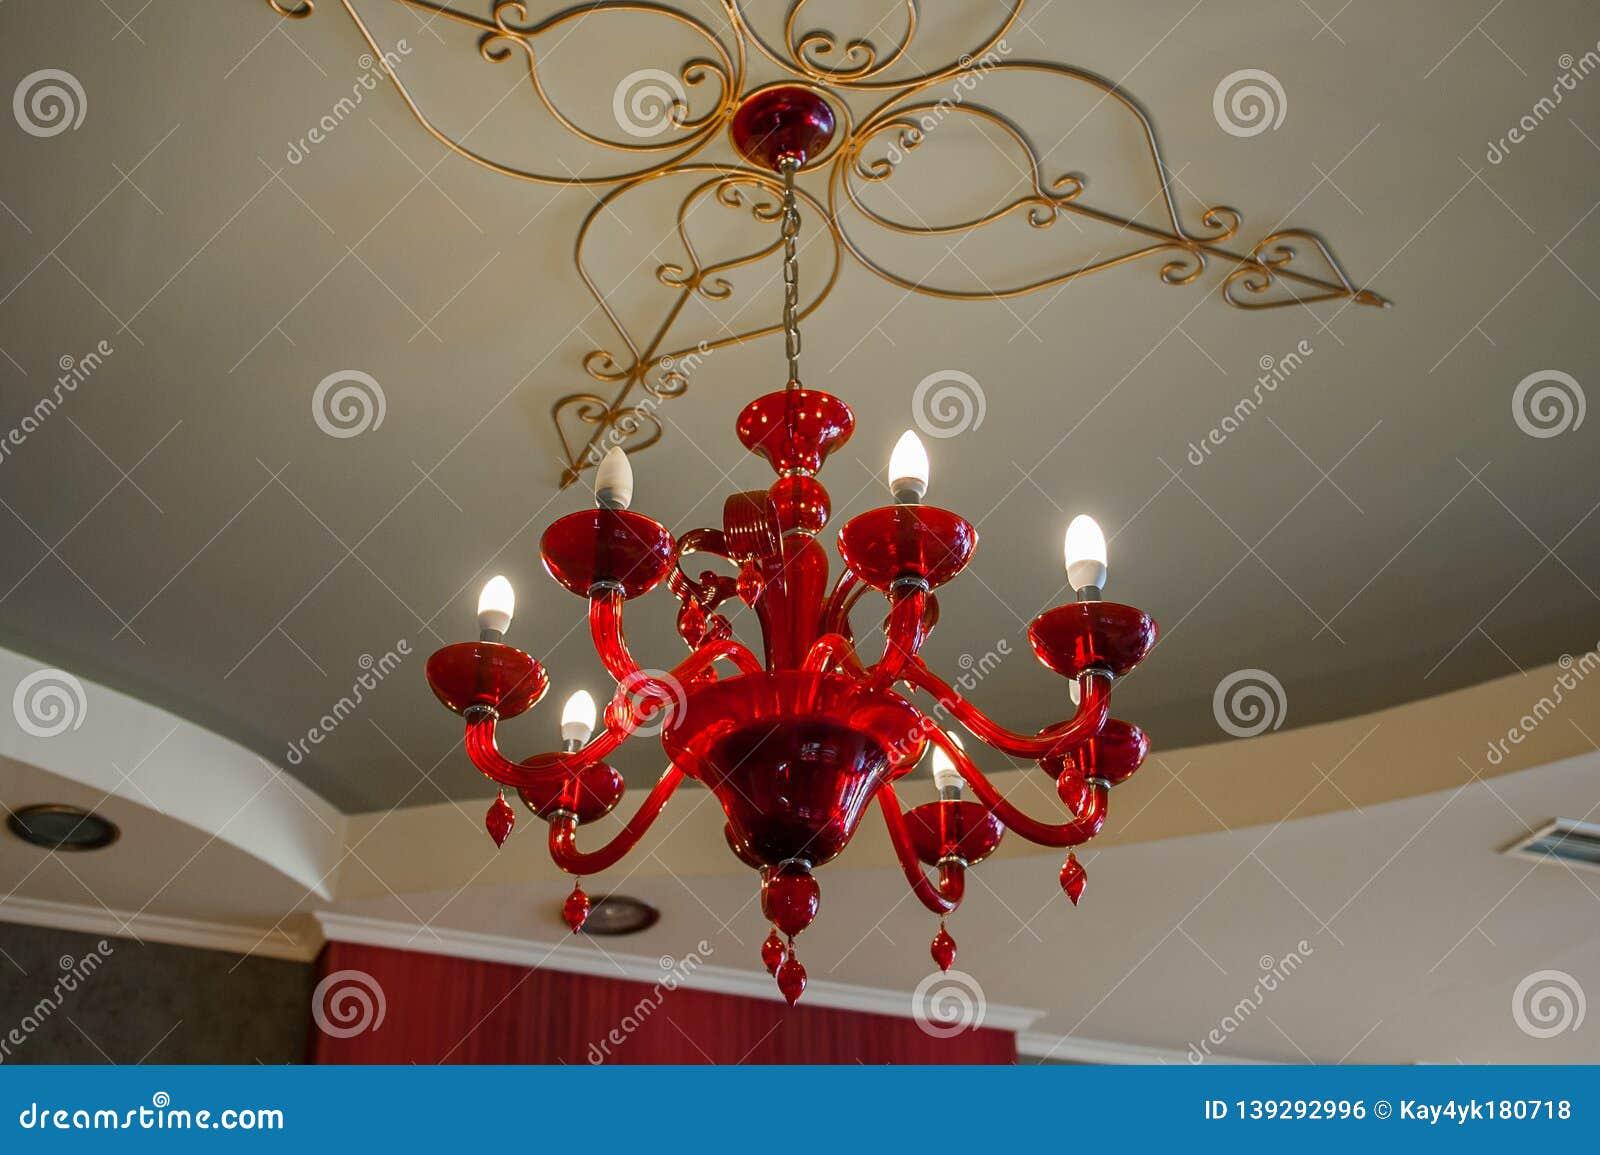 Красная люстра на сделанном по образцу потолке в темной комнате, накаляя шарики на ей